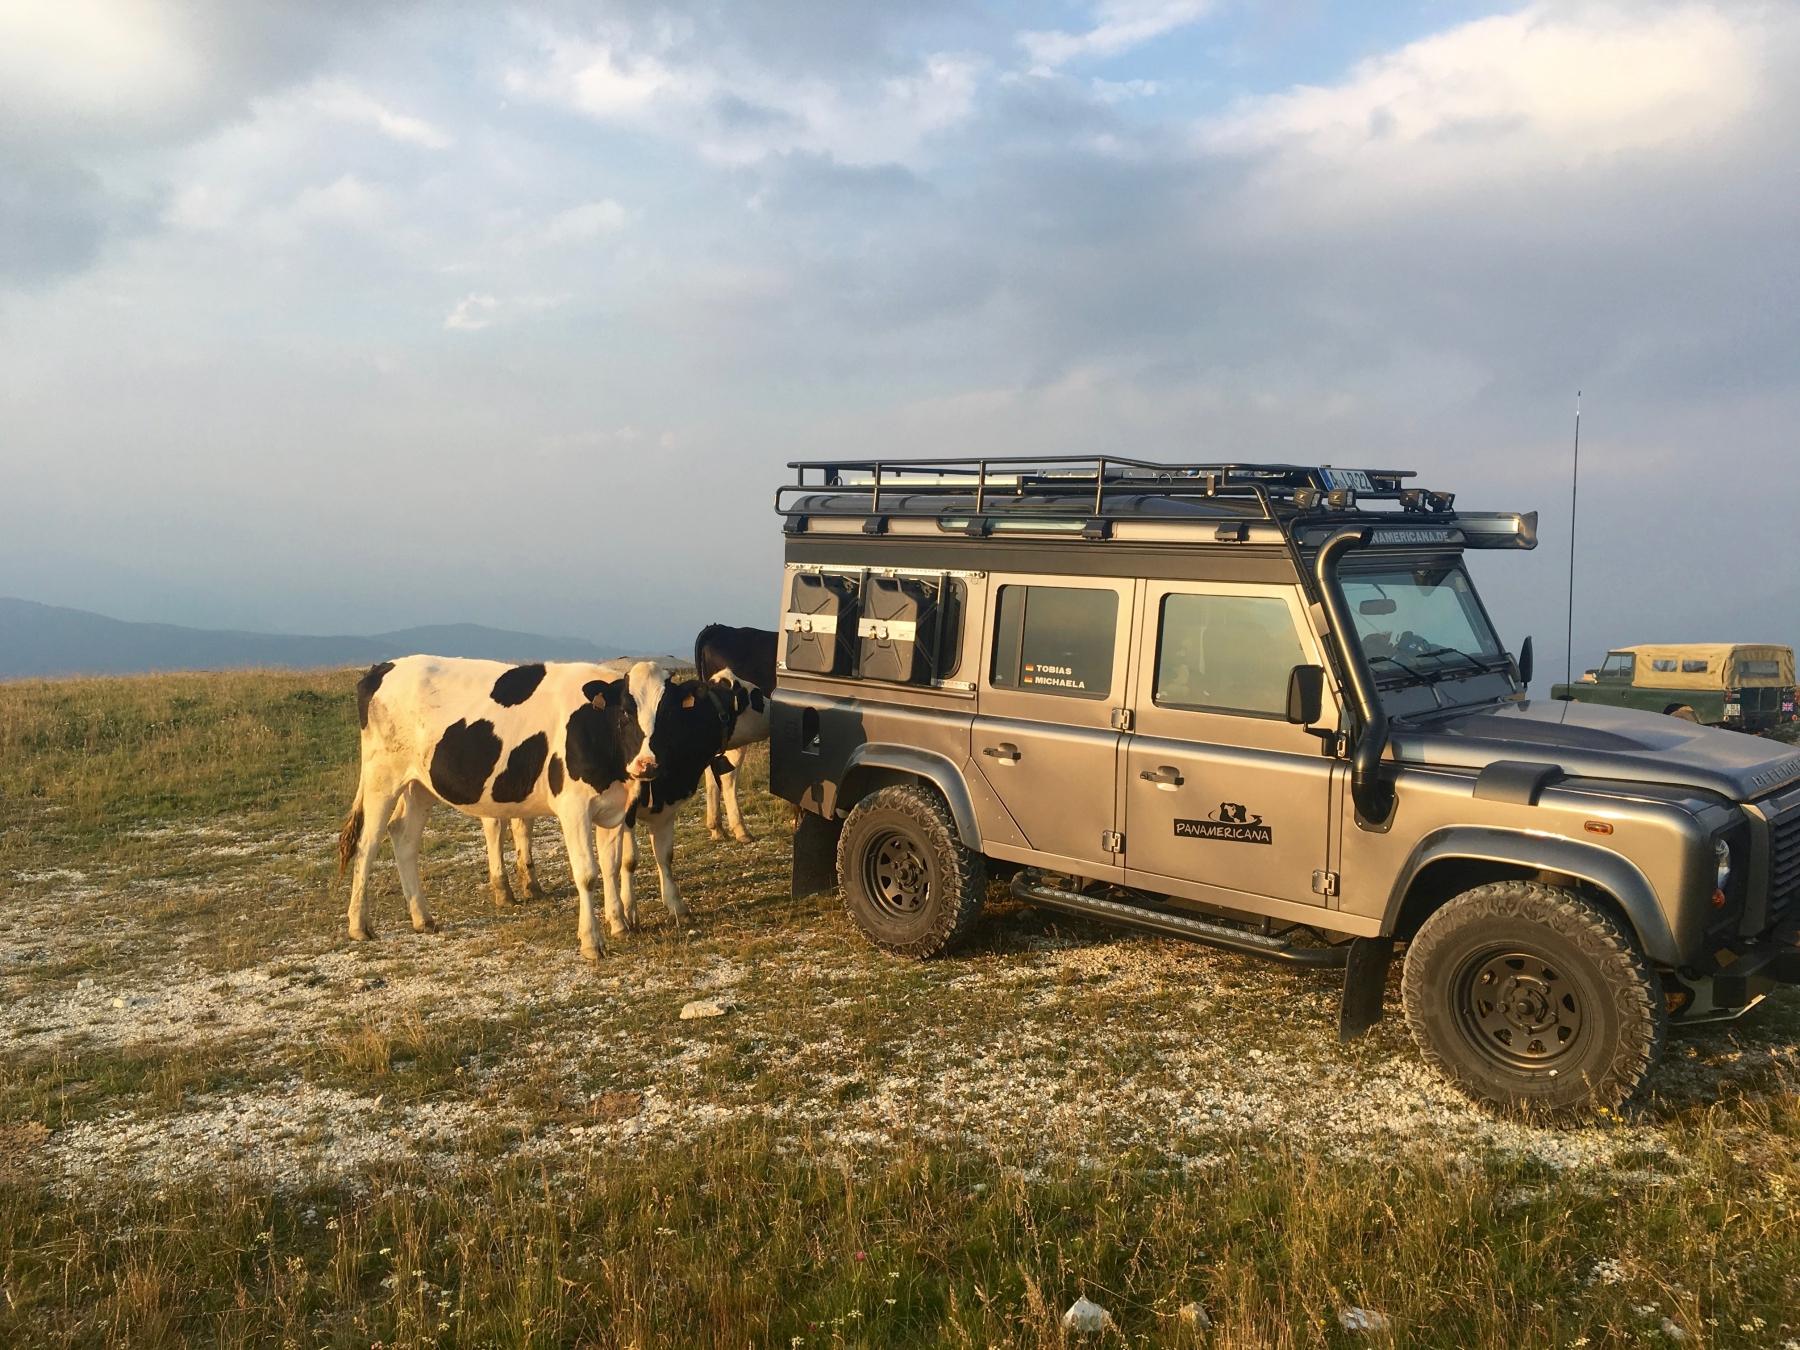 Kuh-Parkplatz auf dem Monte Lisser in den Alpen